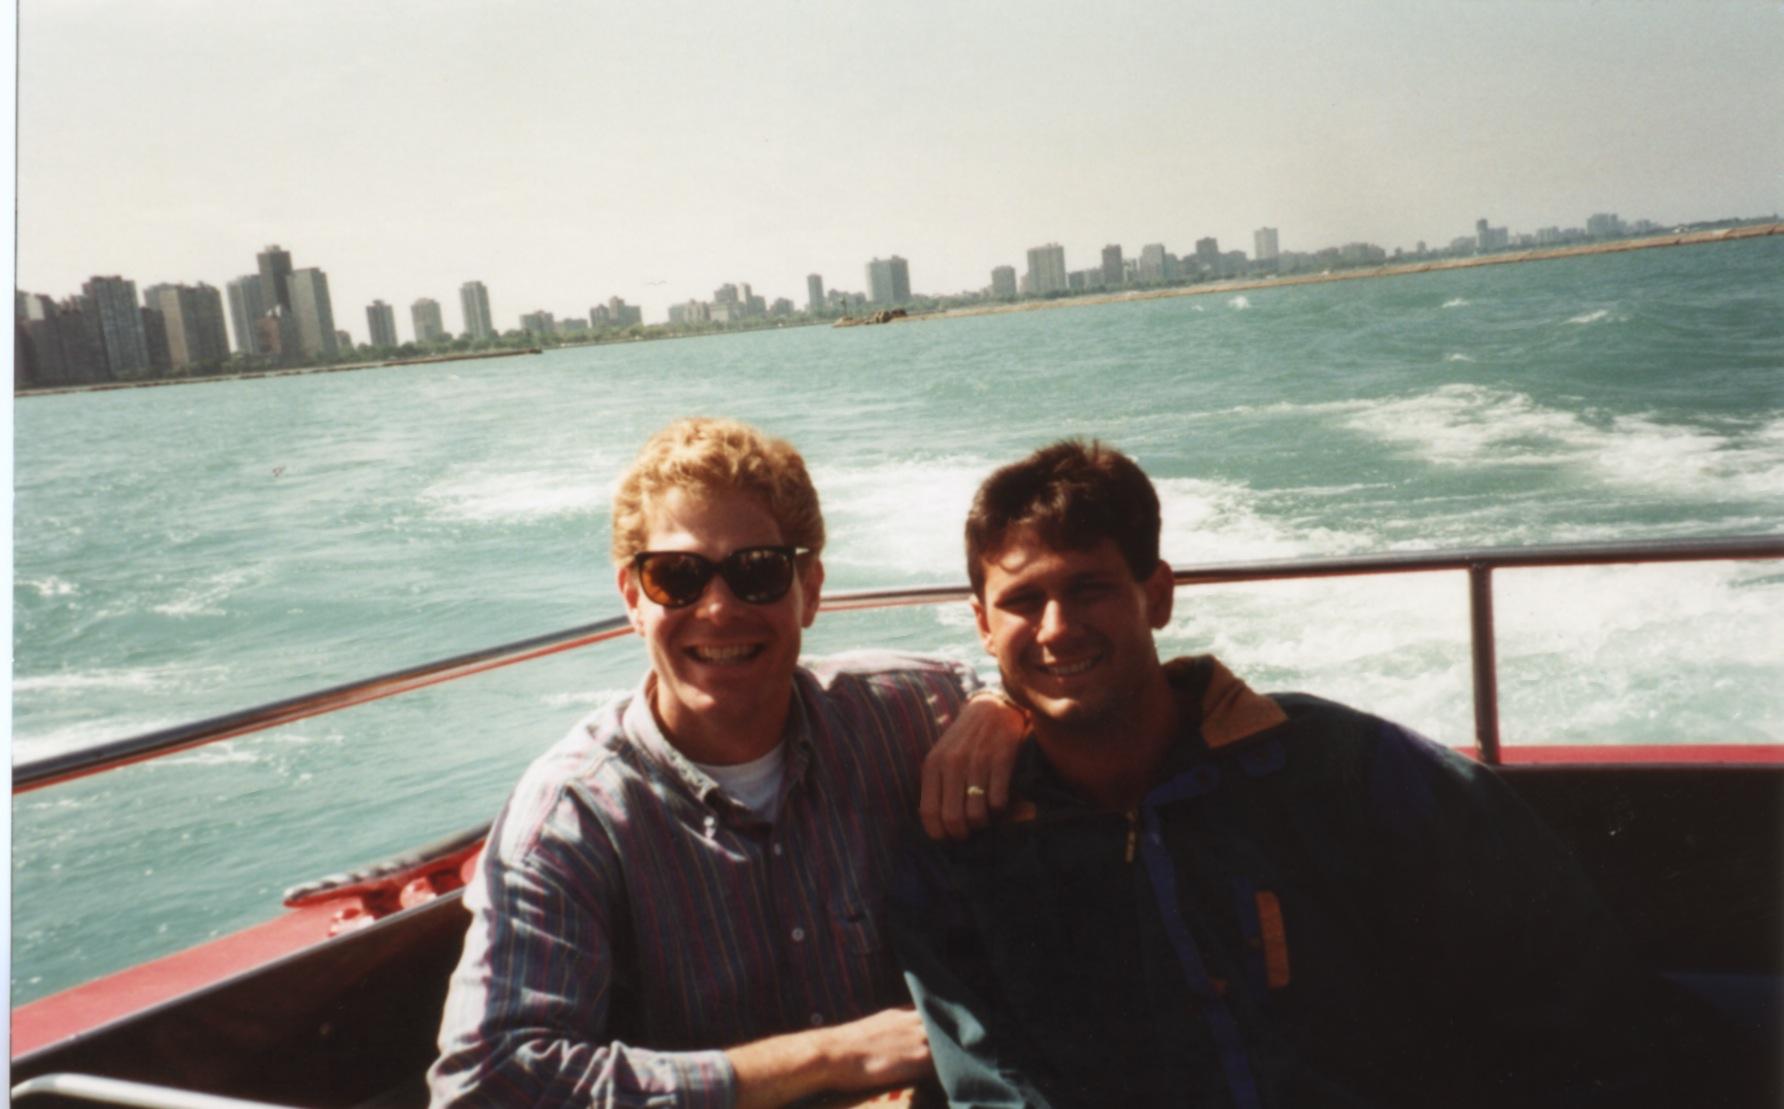 Wendella Boat Tour, Chicago